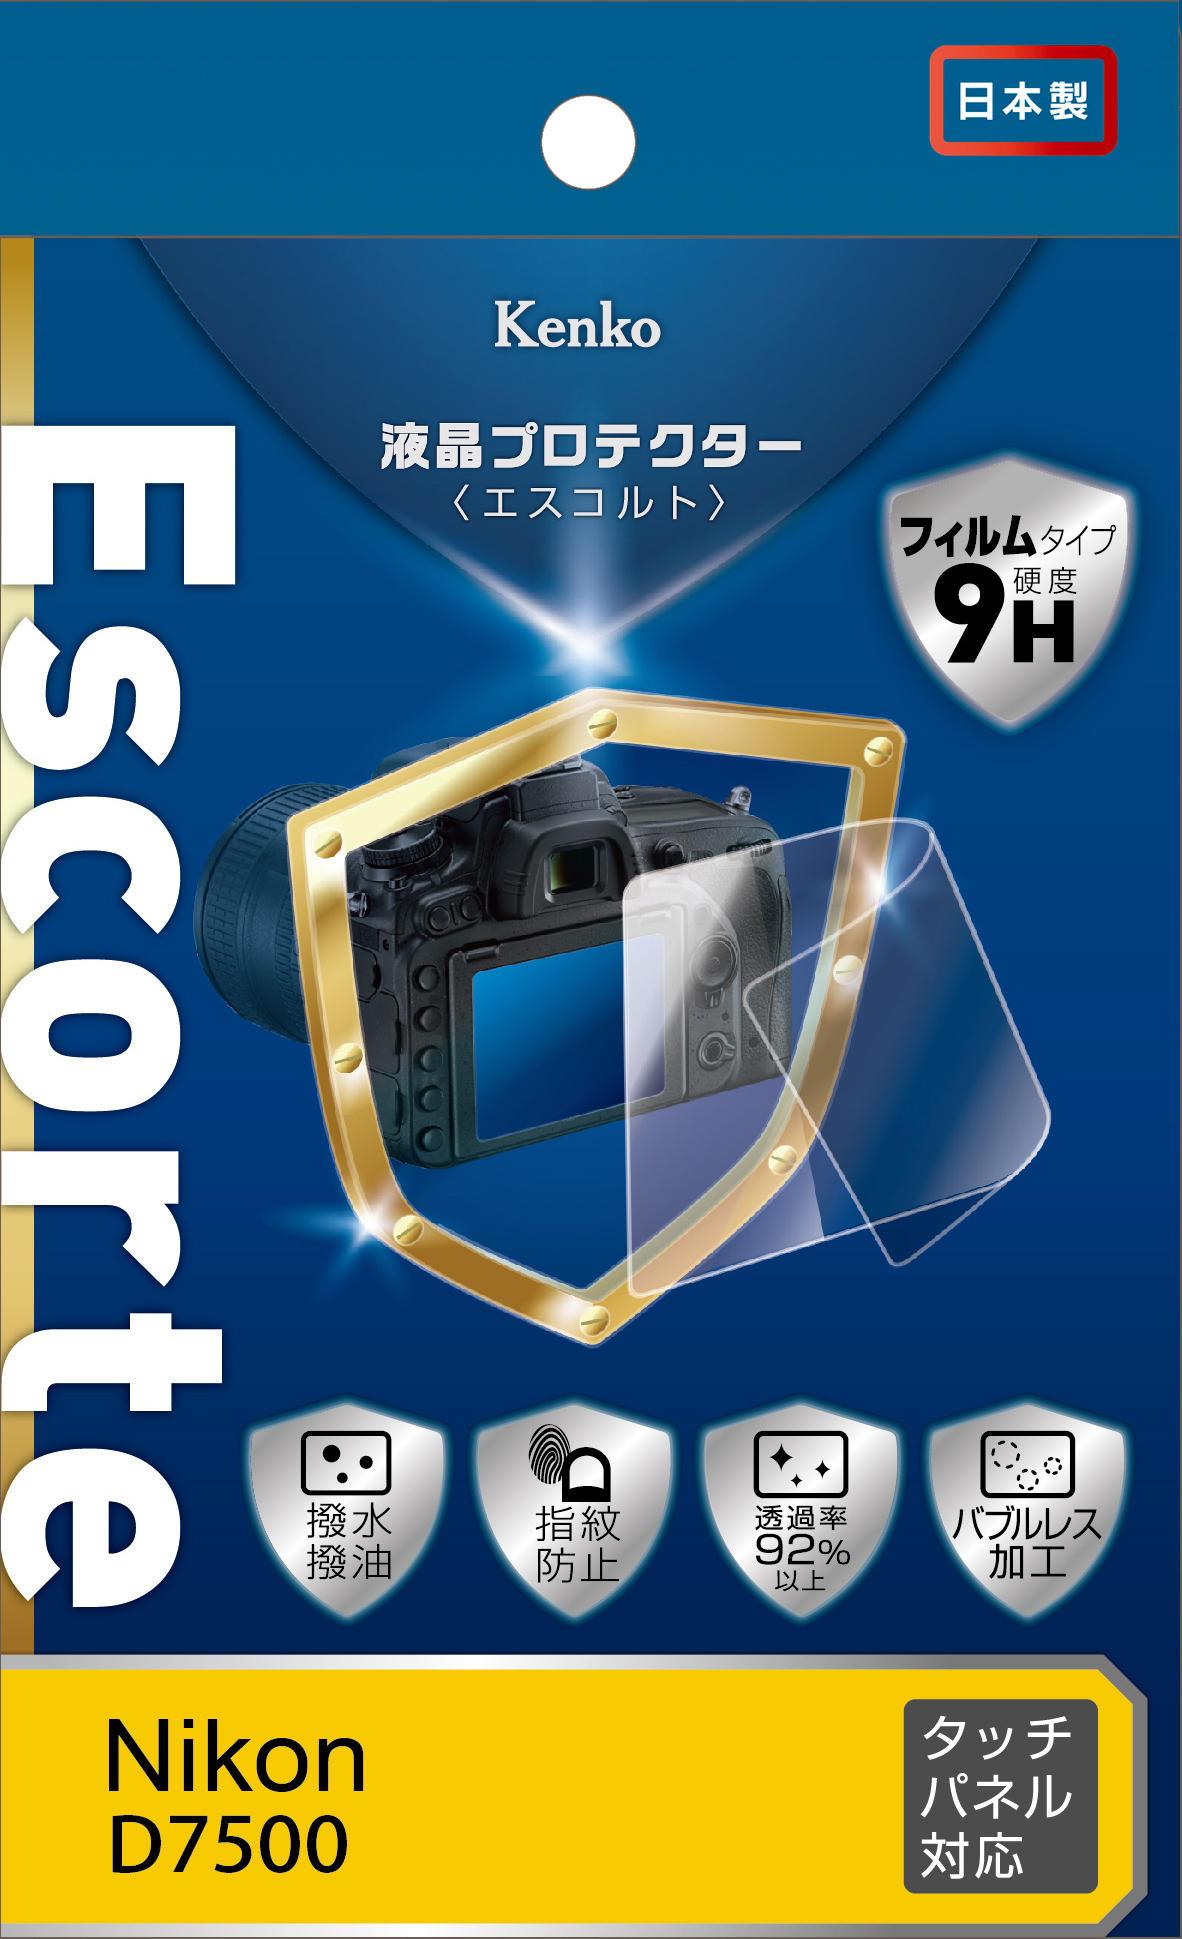 http://www.kenko-tokina.co.jp/imaging/eq/mt-images/4961607381700.jpg